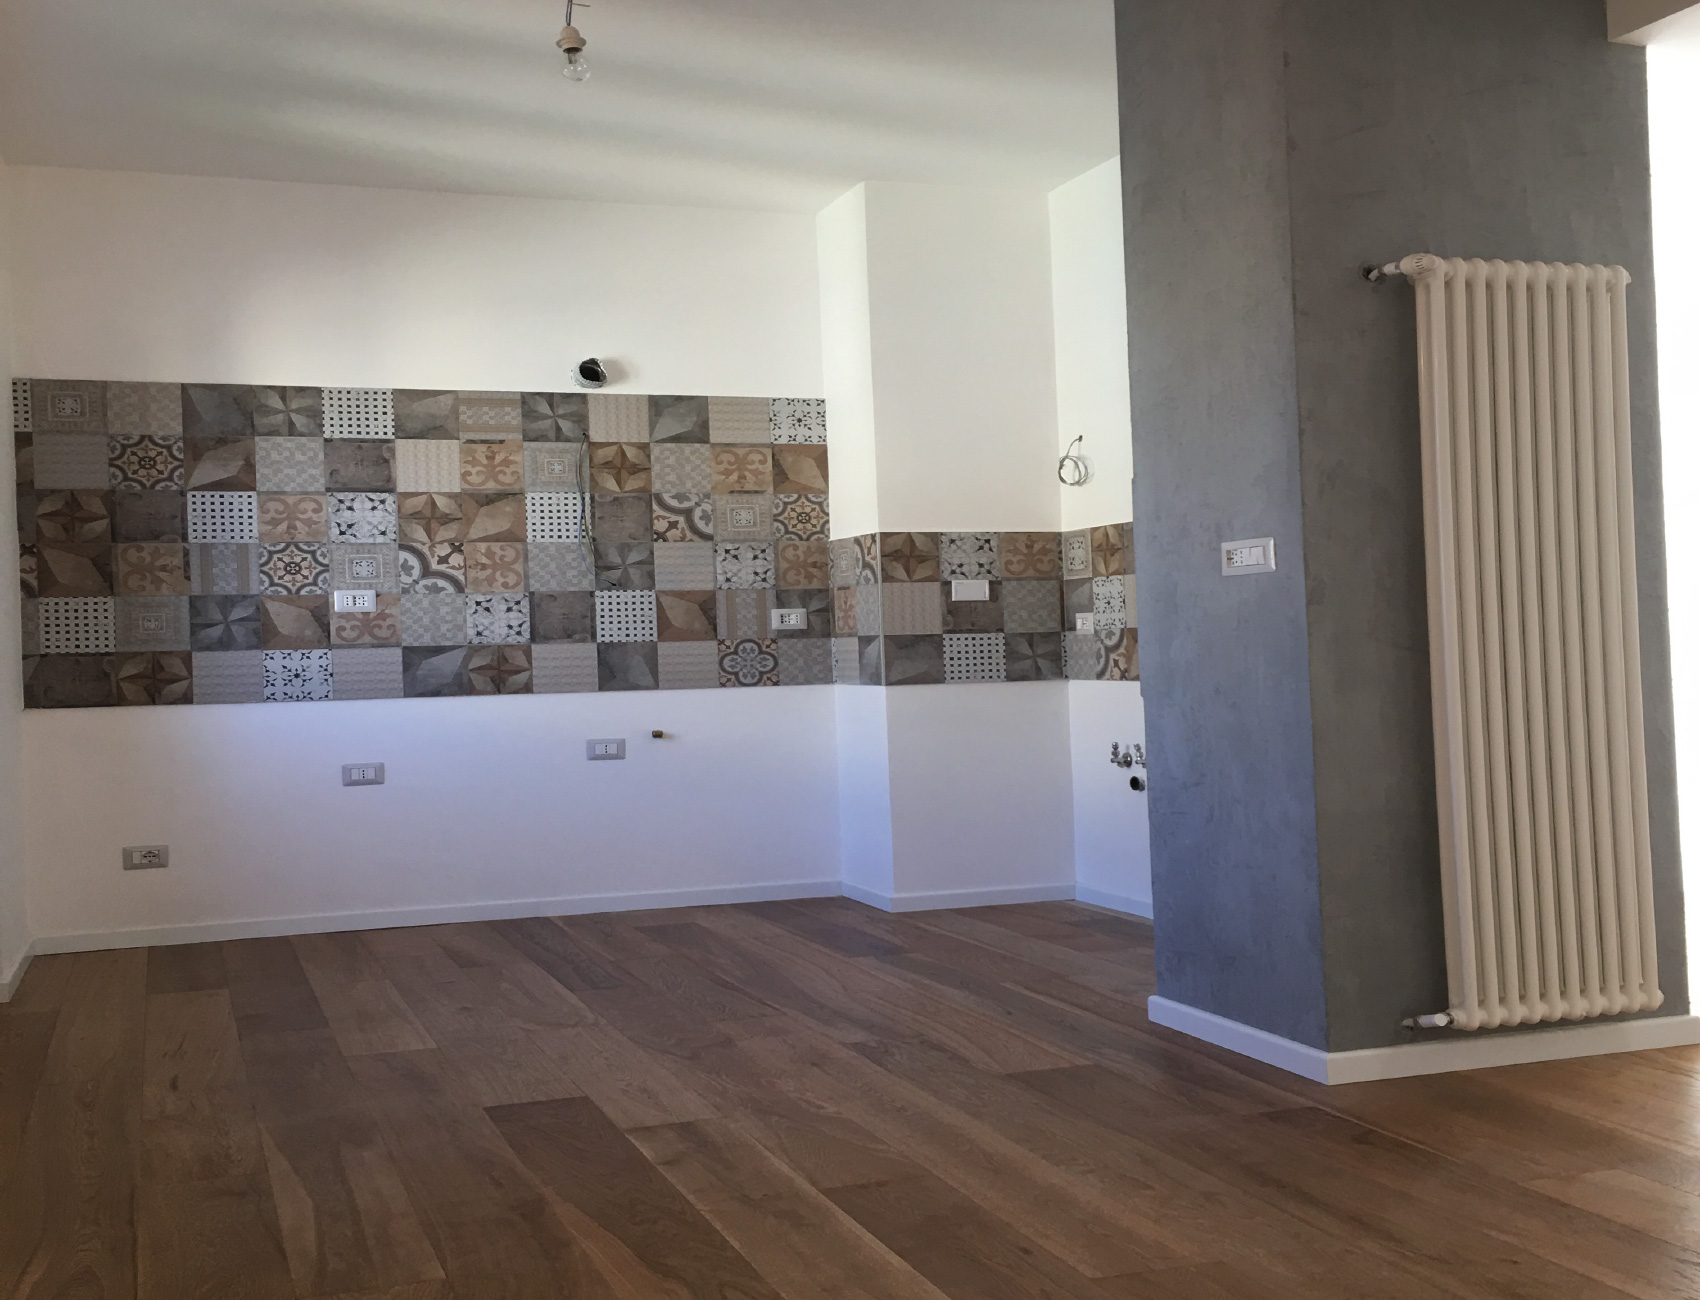 Ristrutturazione interni casa idee creative e innovative for Idee ristrutturazione appartamento